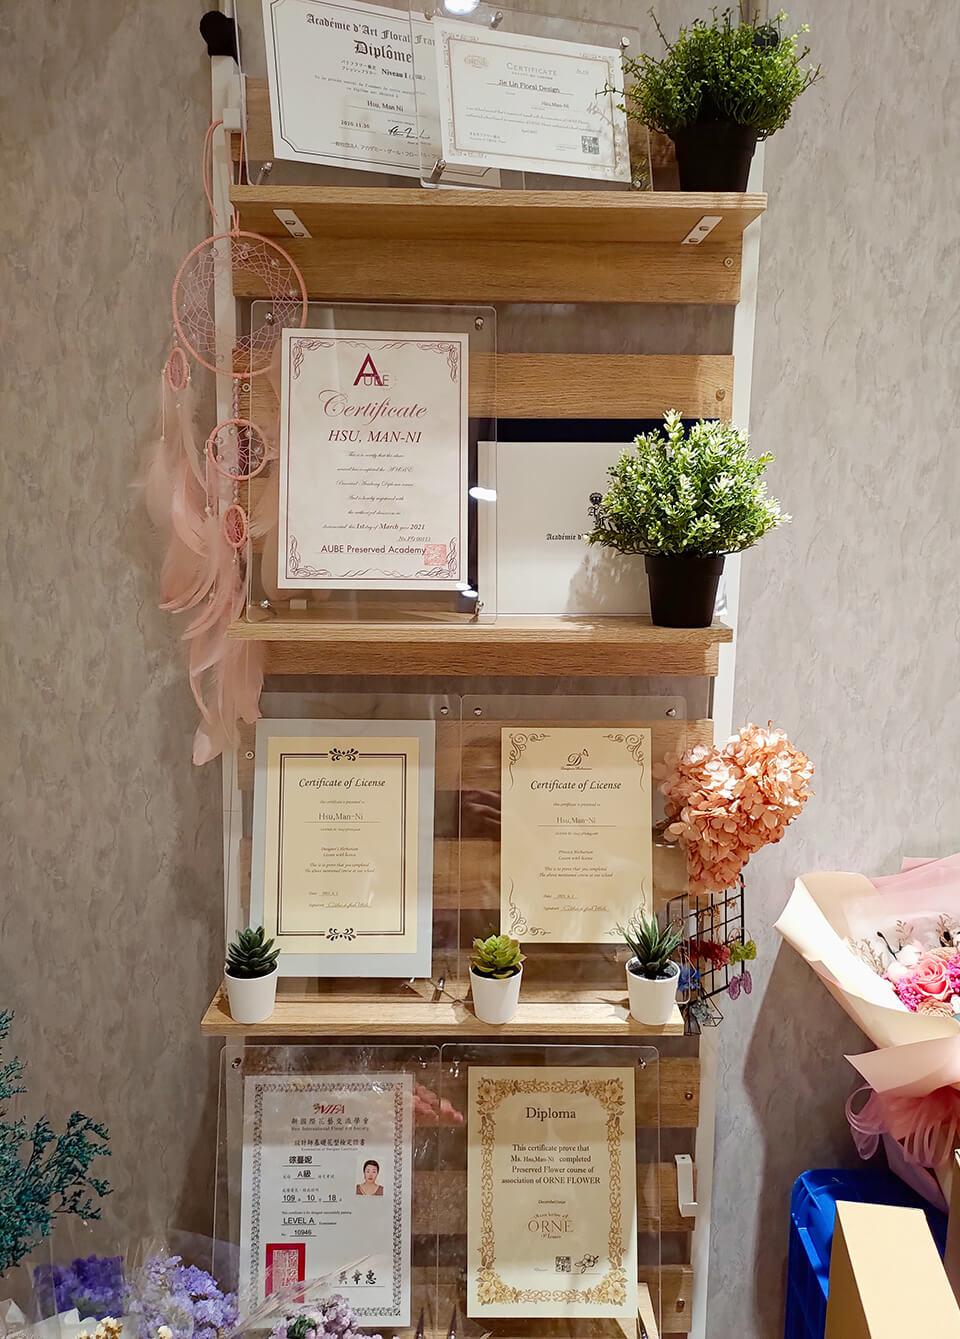 教室裡也有展示花藝師證照